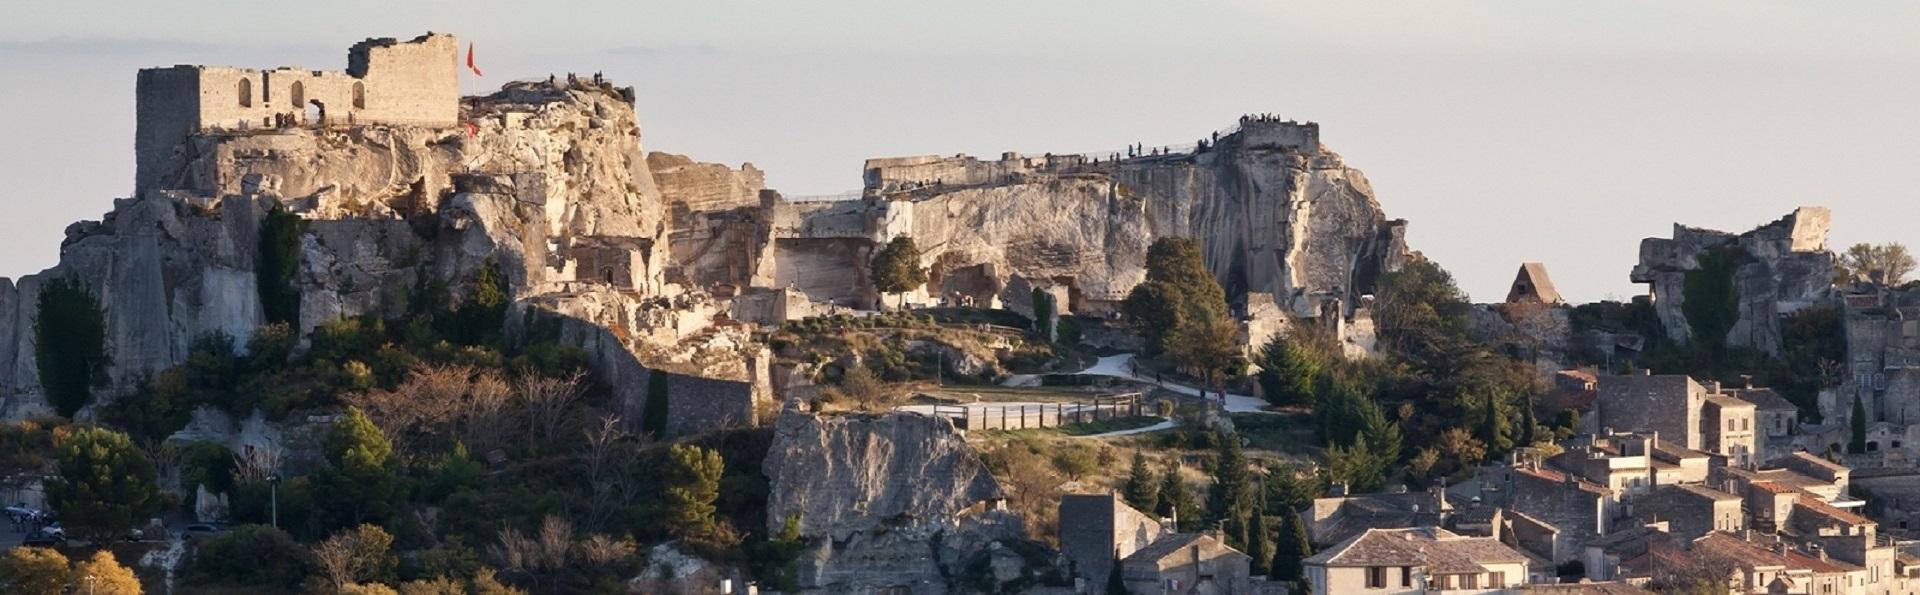 Mas-de-l'oulivie-Les-Baux-de-Provence-avignon-seminaires-de-caractere (2)